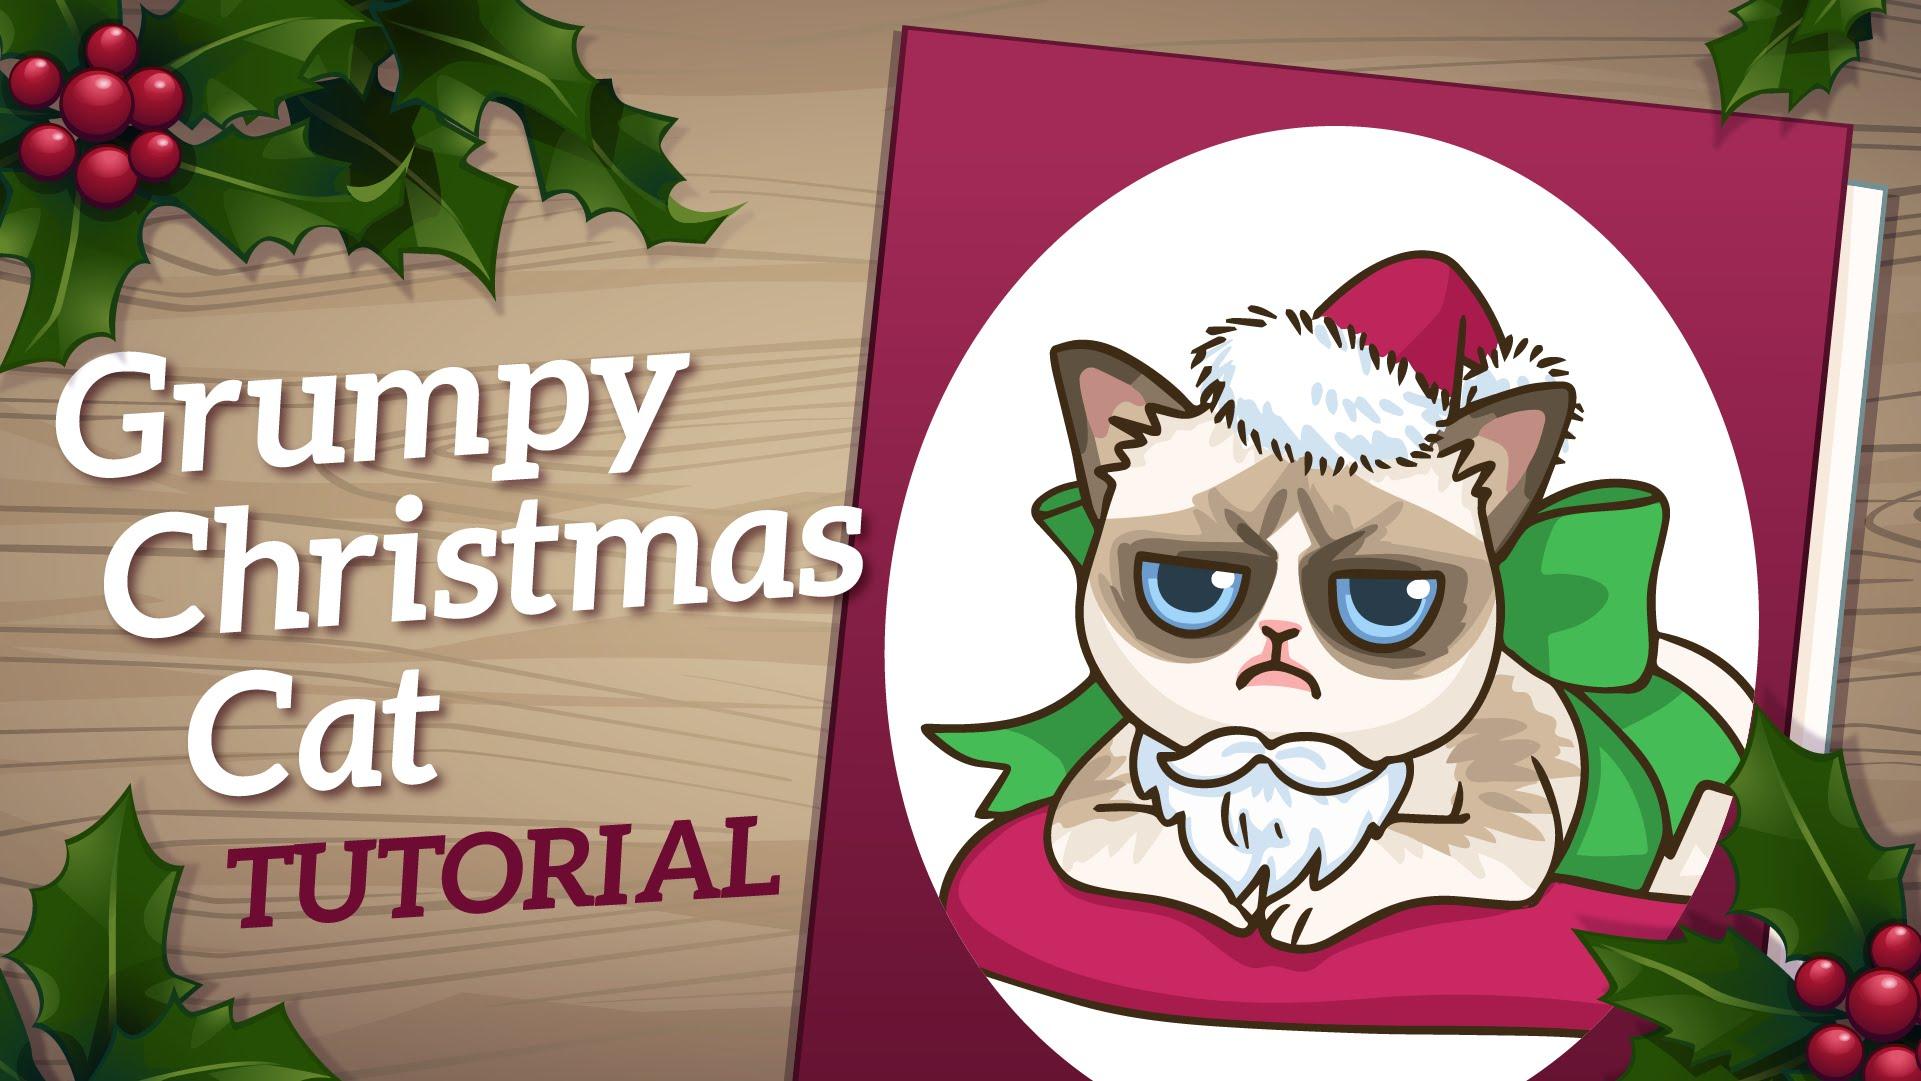 Drawn card grumpy cat #3